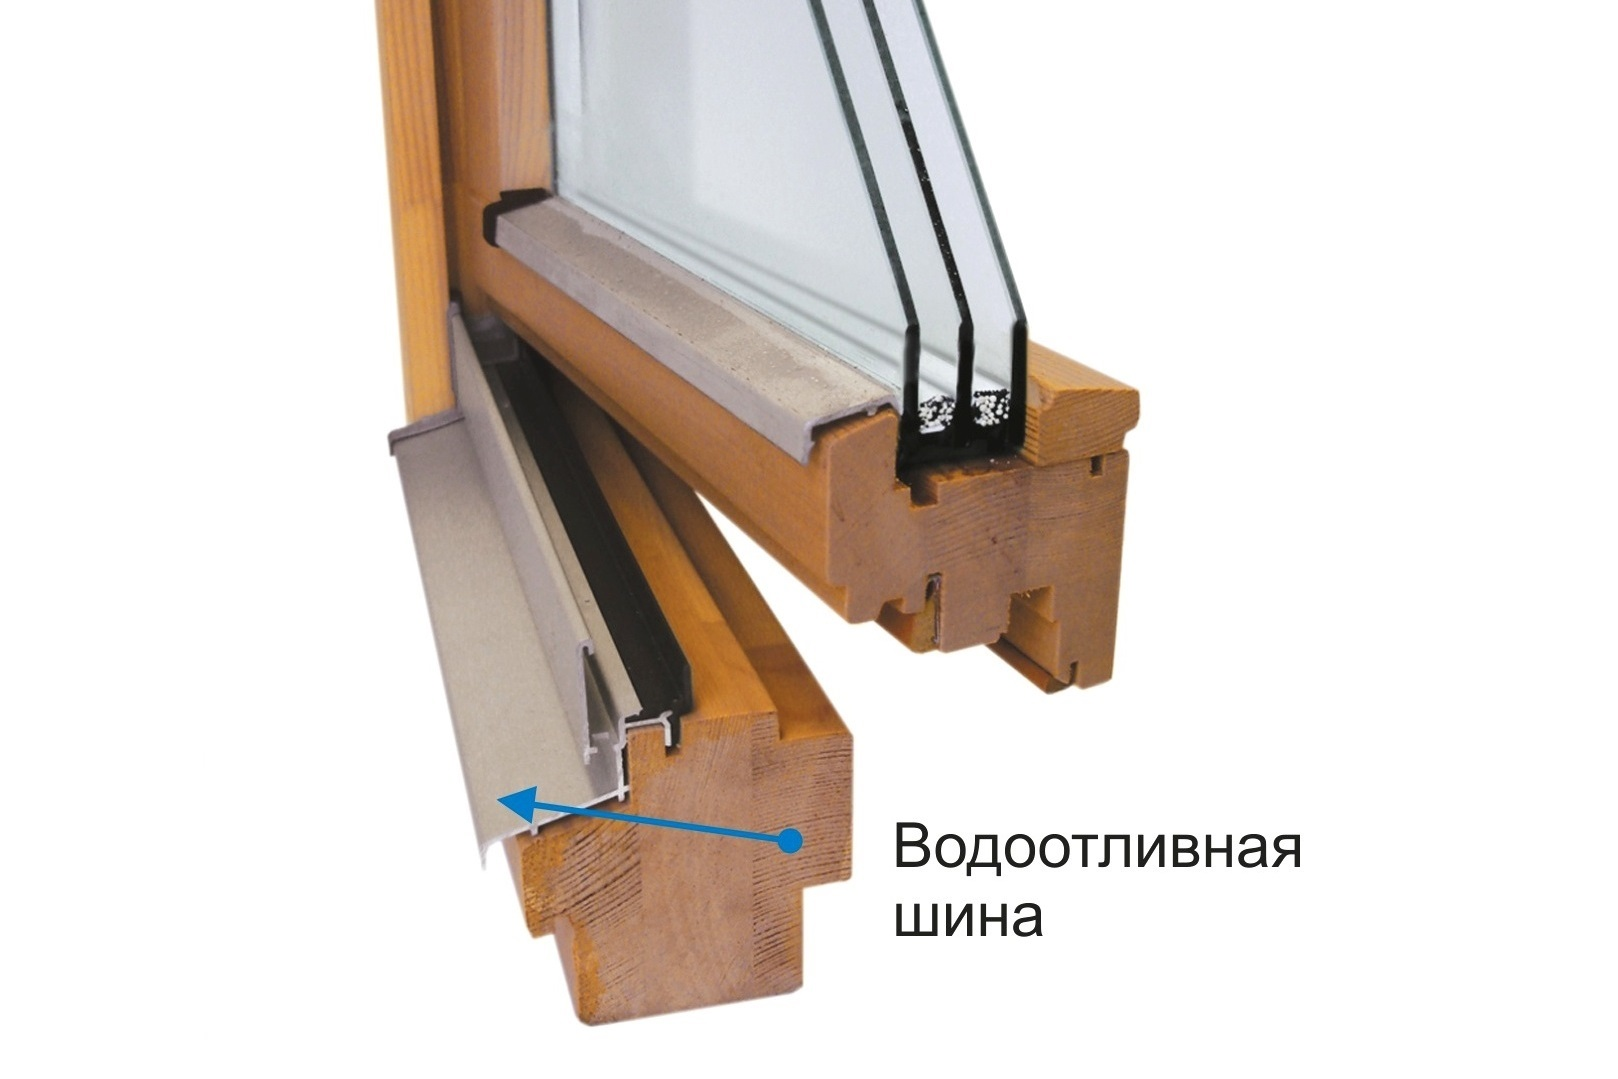 Как сделать алюминиевую раму для окна своими руками